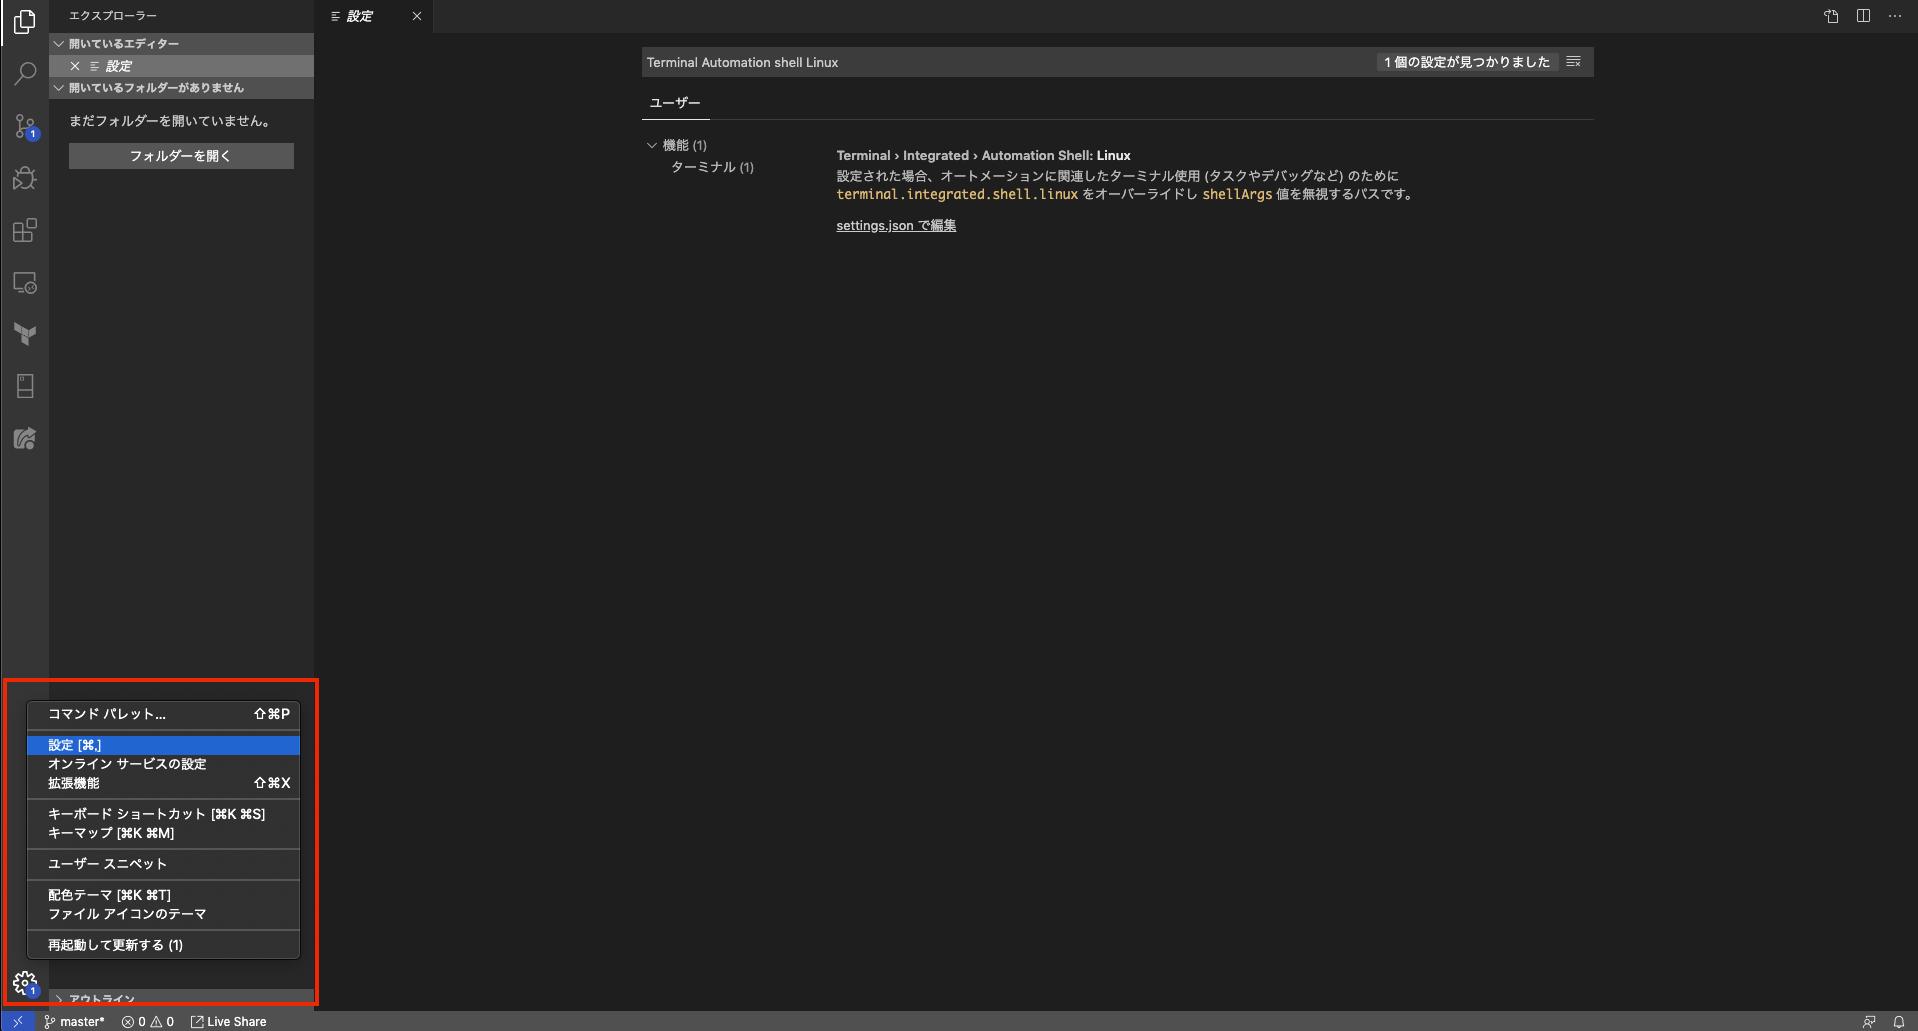 スクリーンショット 2020-05-11 21.08.32.png